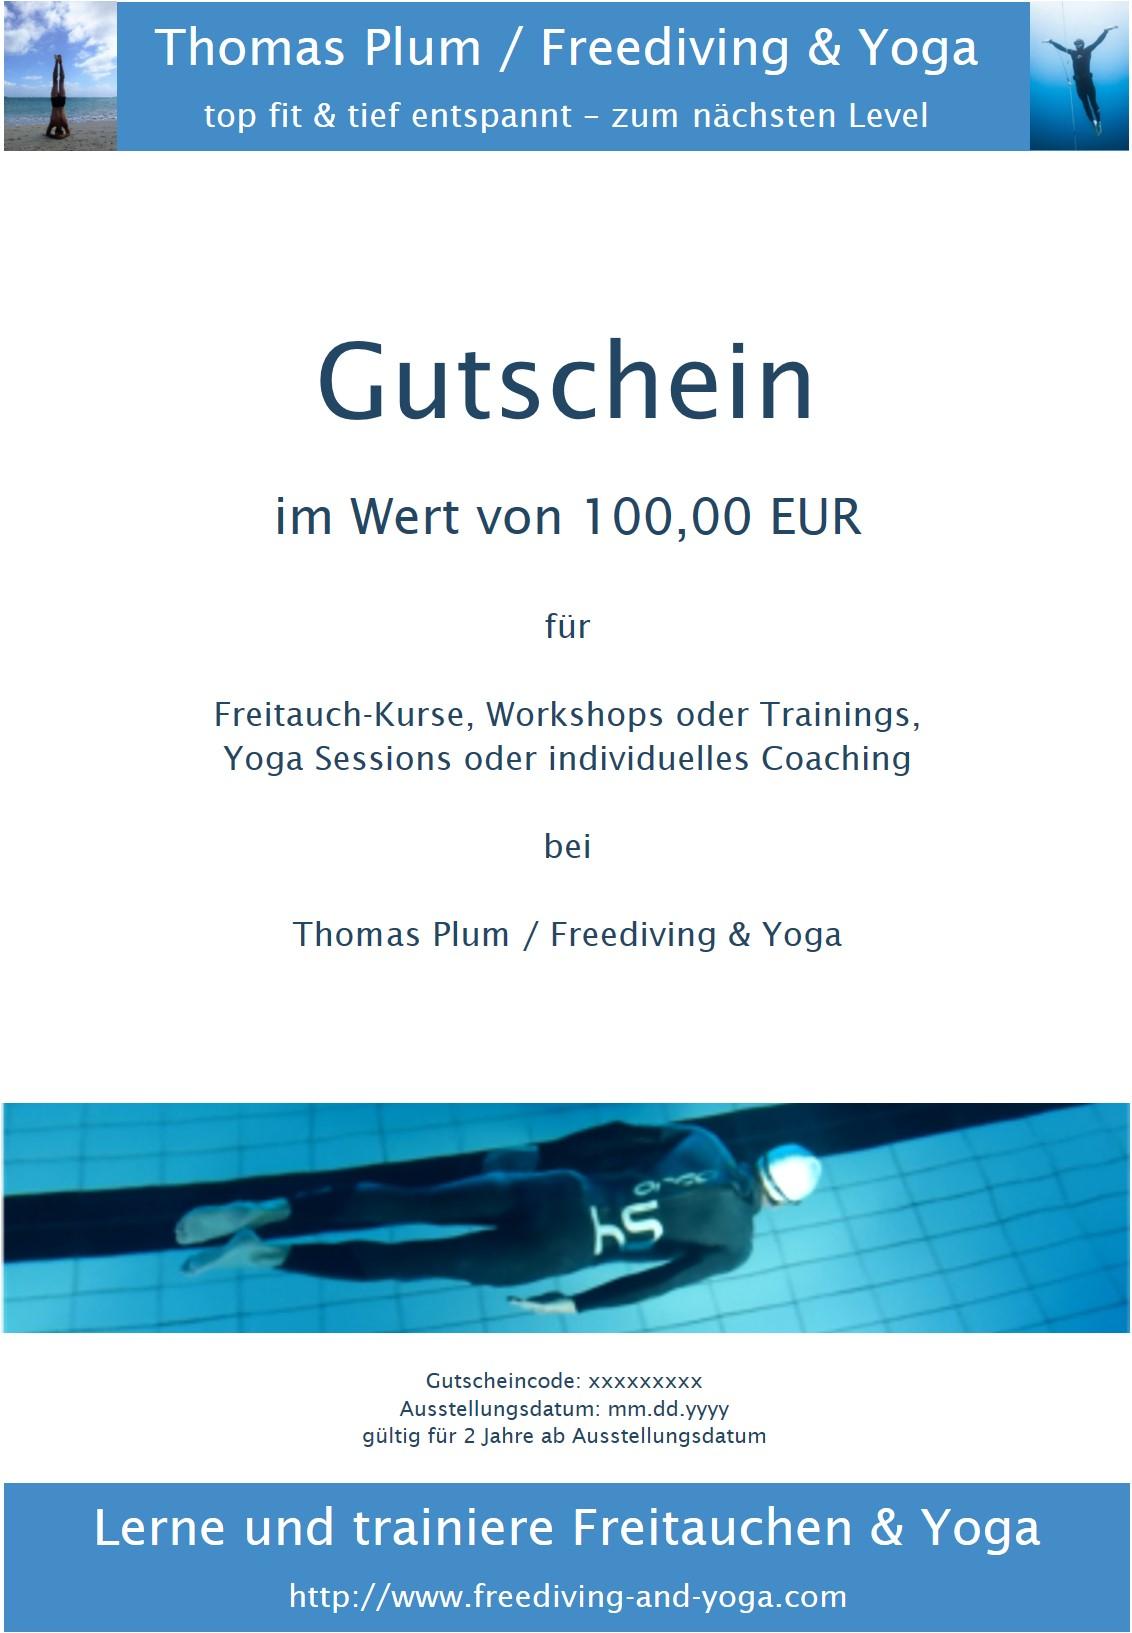 Gutschein (100 EUR)